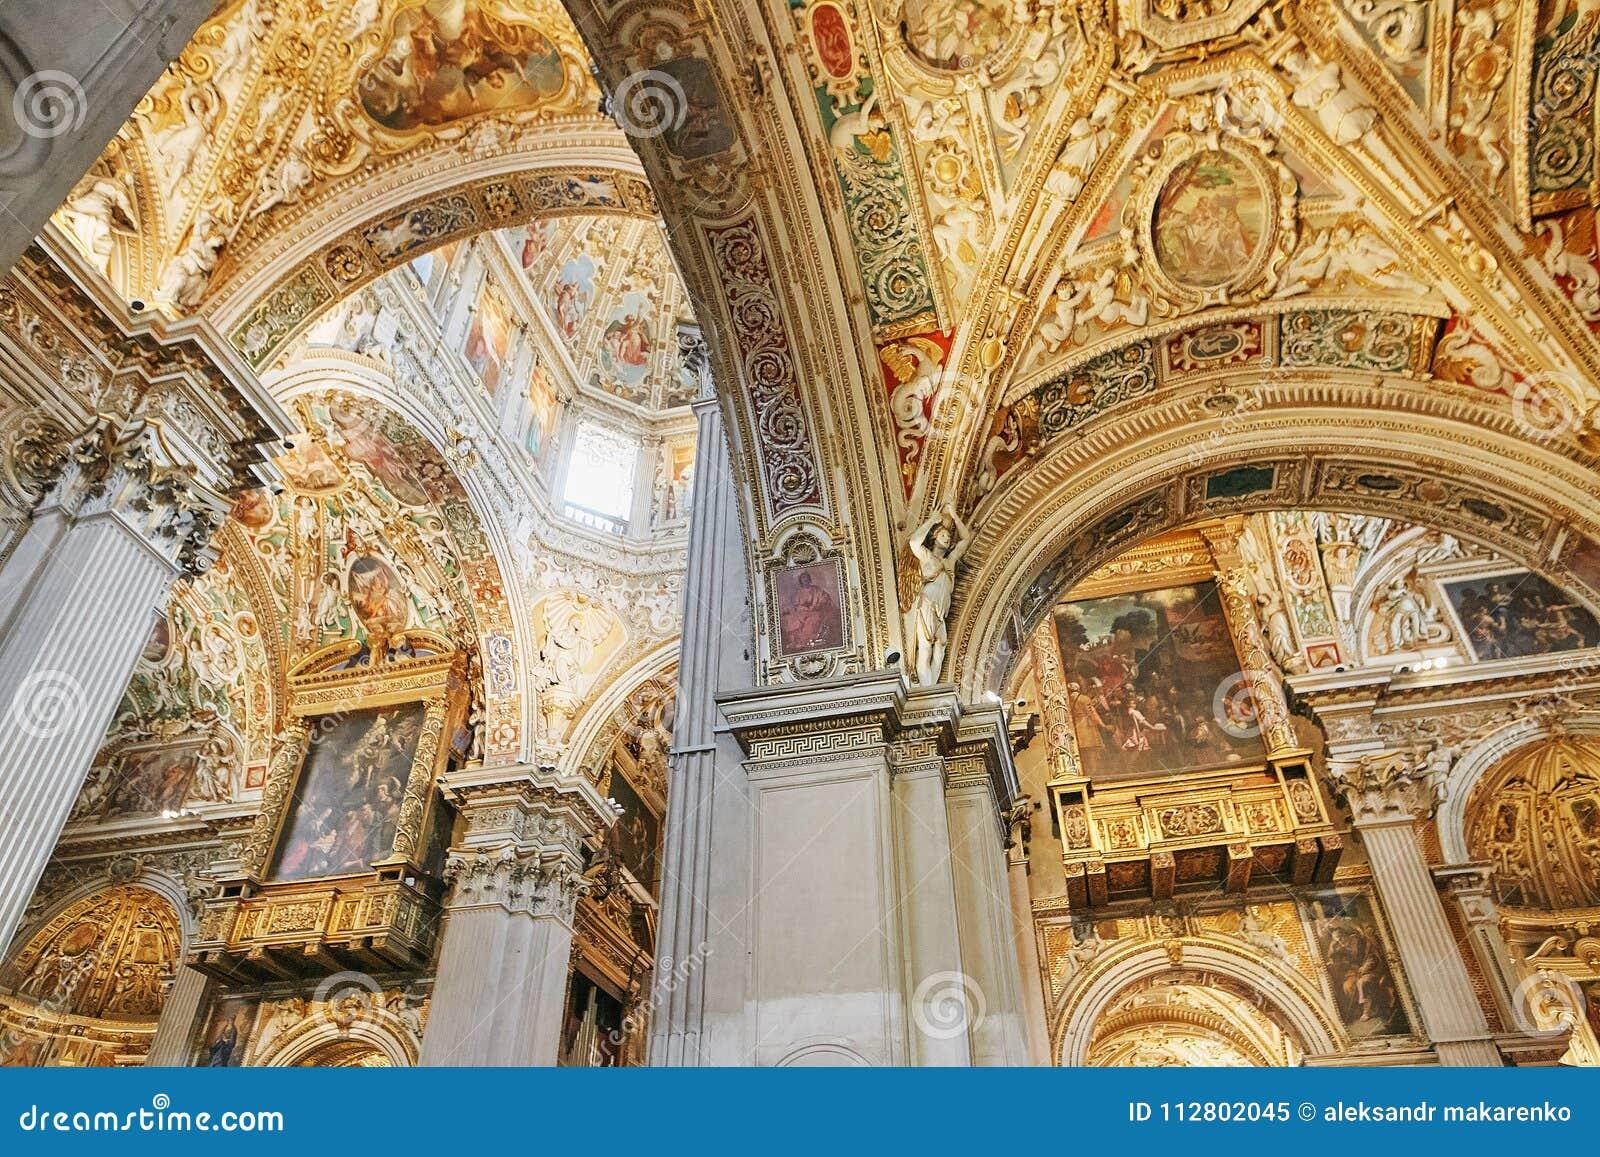 Bergamo, Italy - August 18, 2017: Bergamo`s Basilica di Santa Maria Maggiore, ornate gold interior.